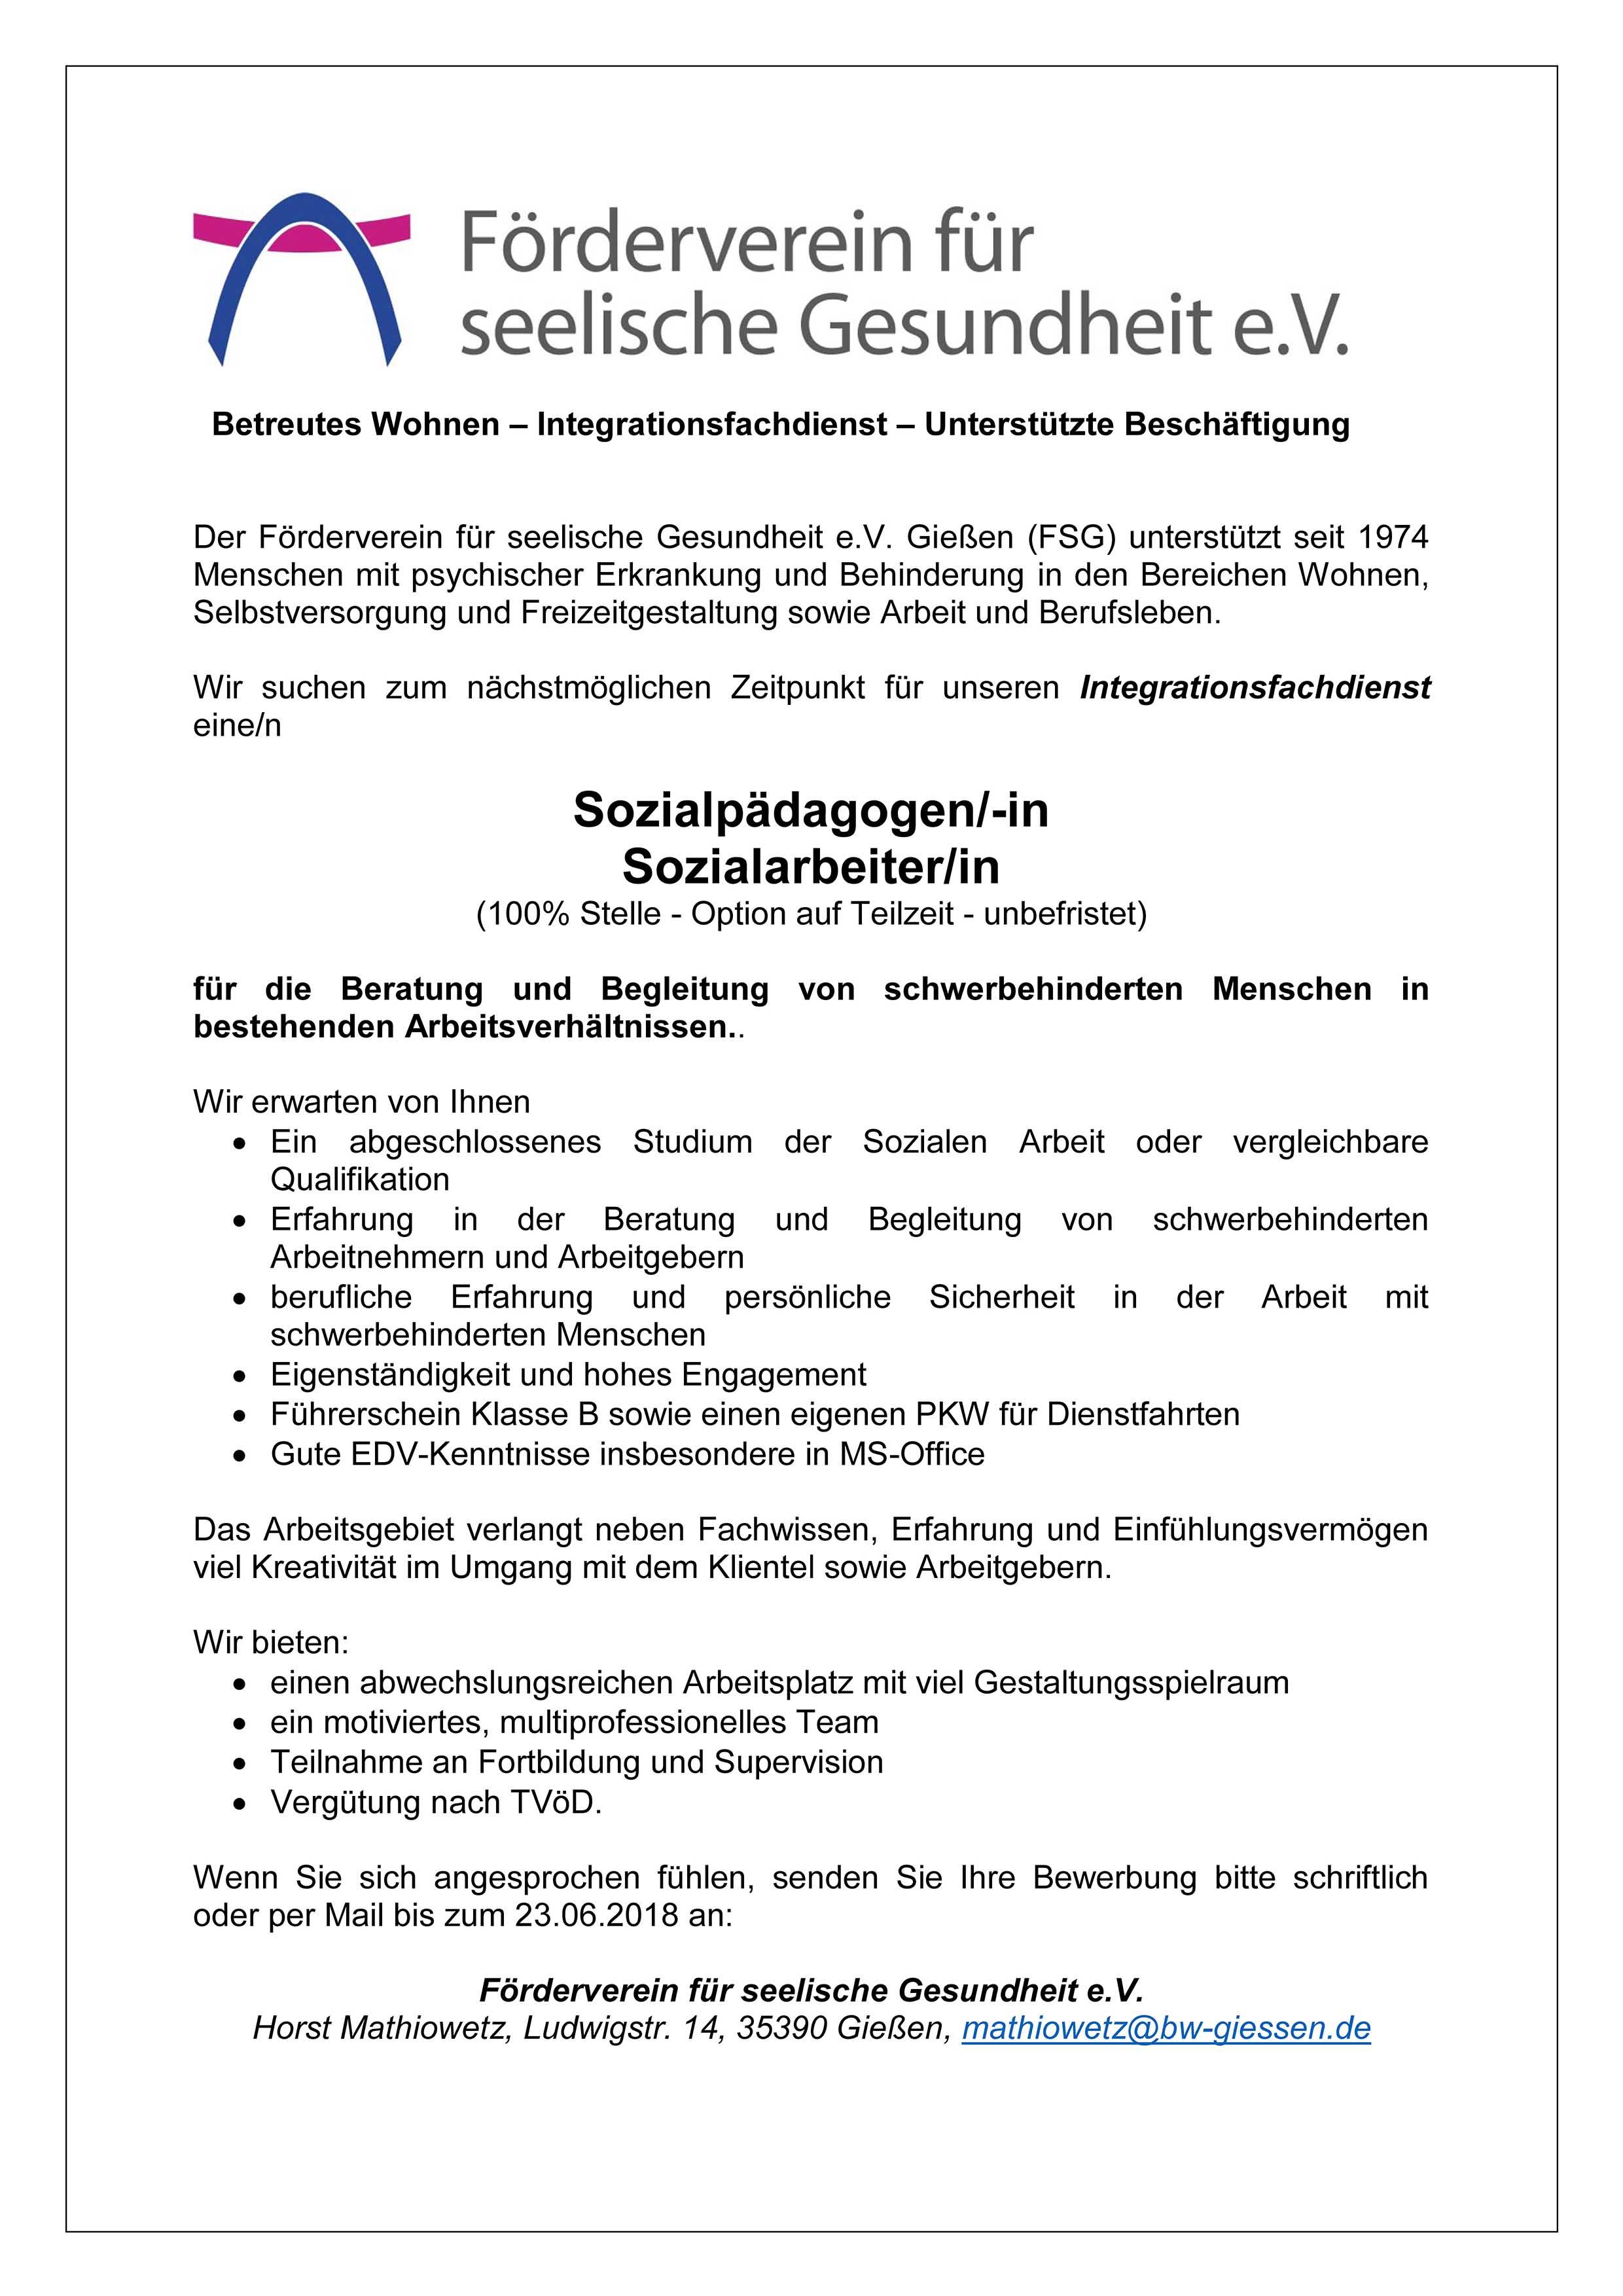 sozialpdagogen in oder sozialarbeiterin integrationsfachdienst - Bewerbung Sozialarbeiter